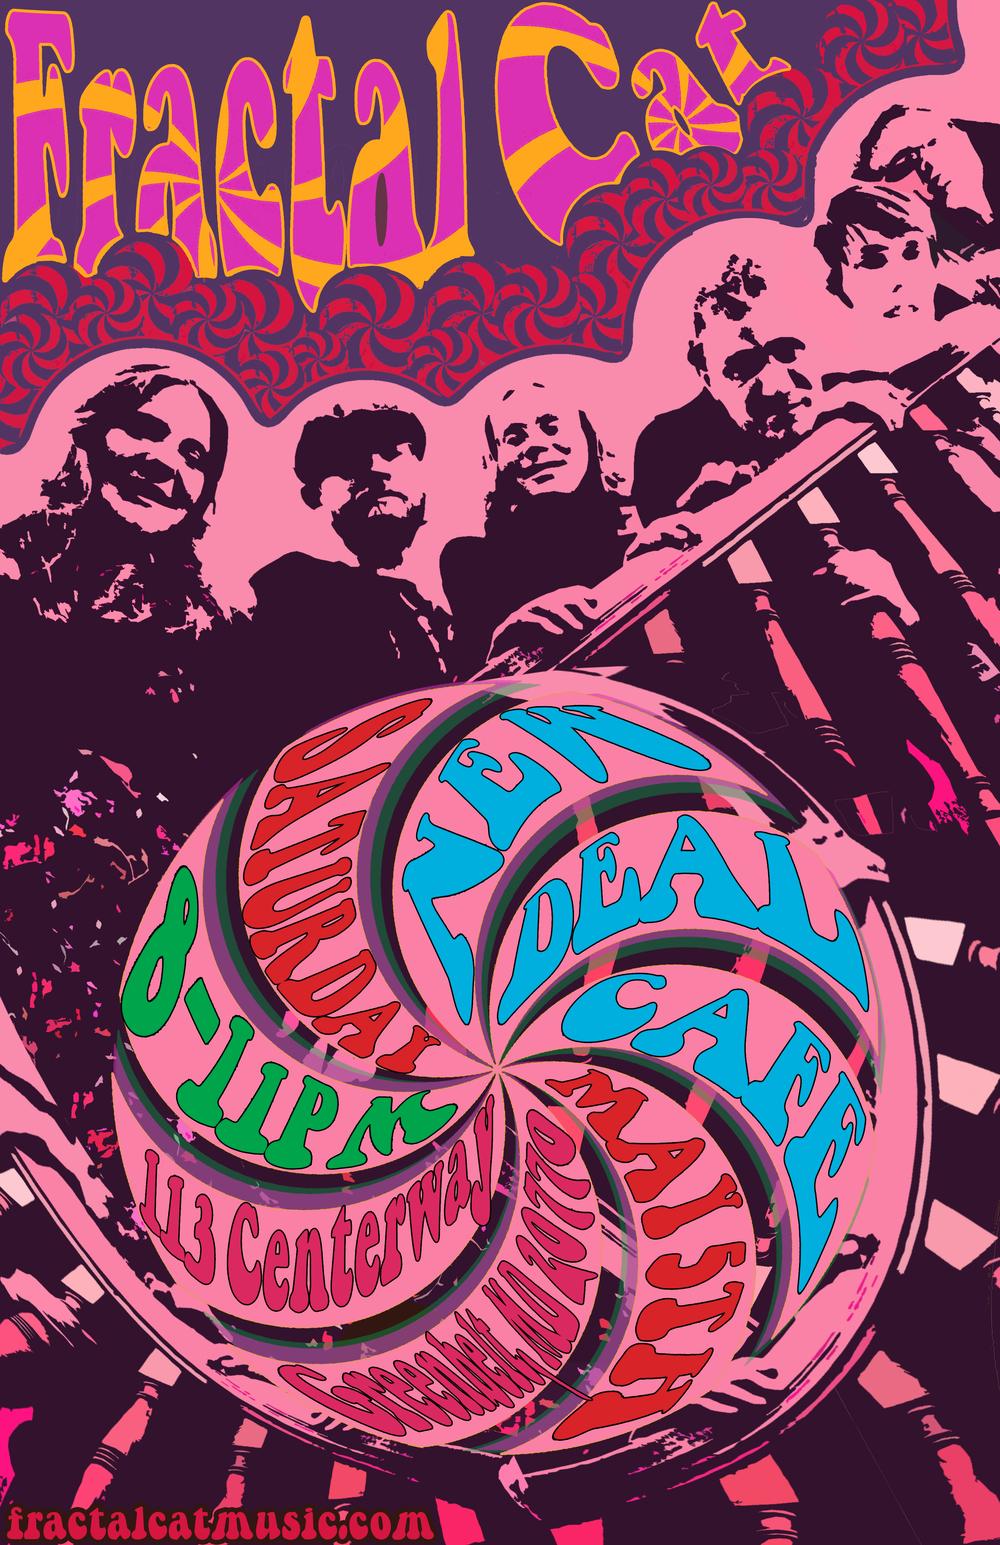 FractalCat_Poster_NewDeal2.jpg